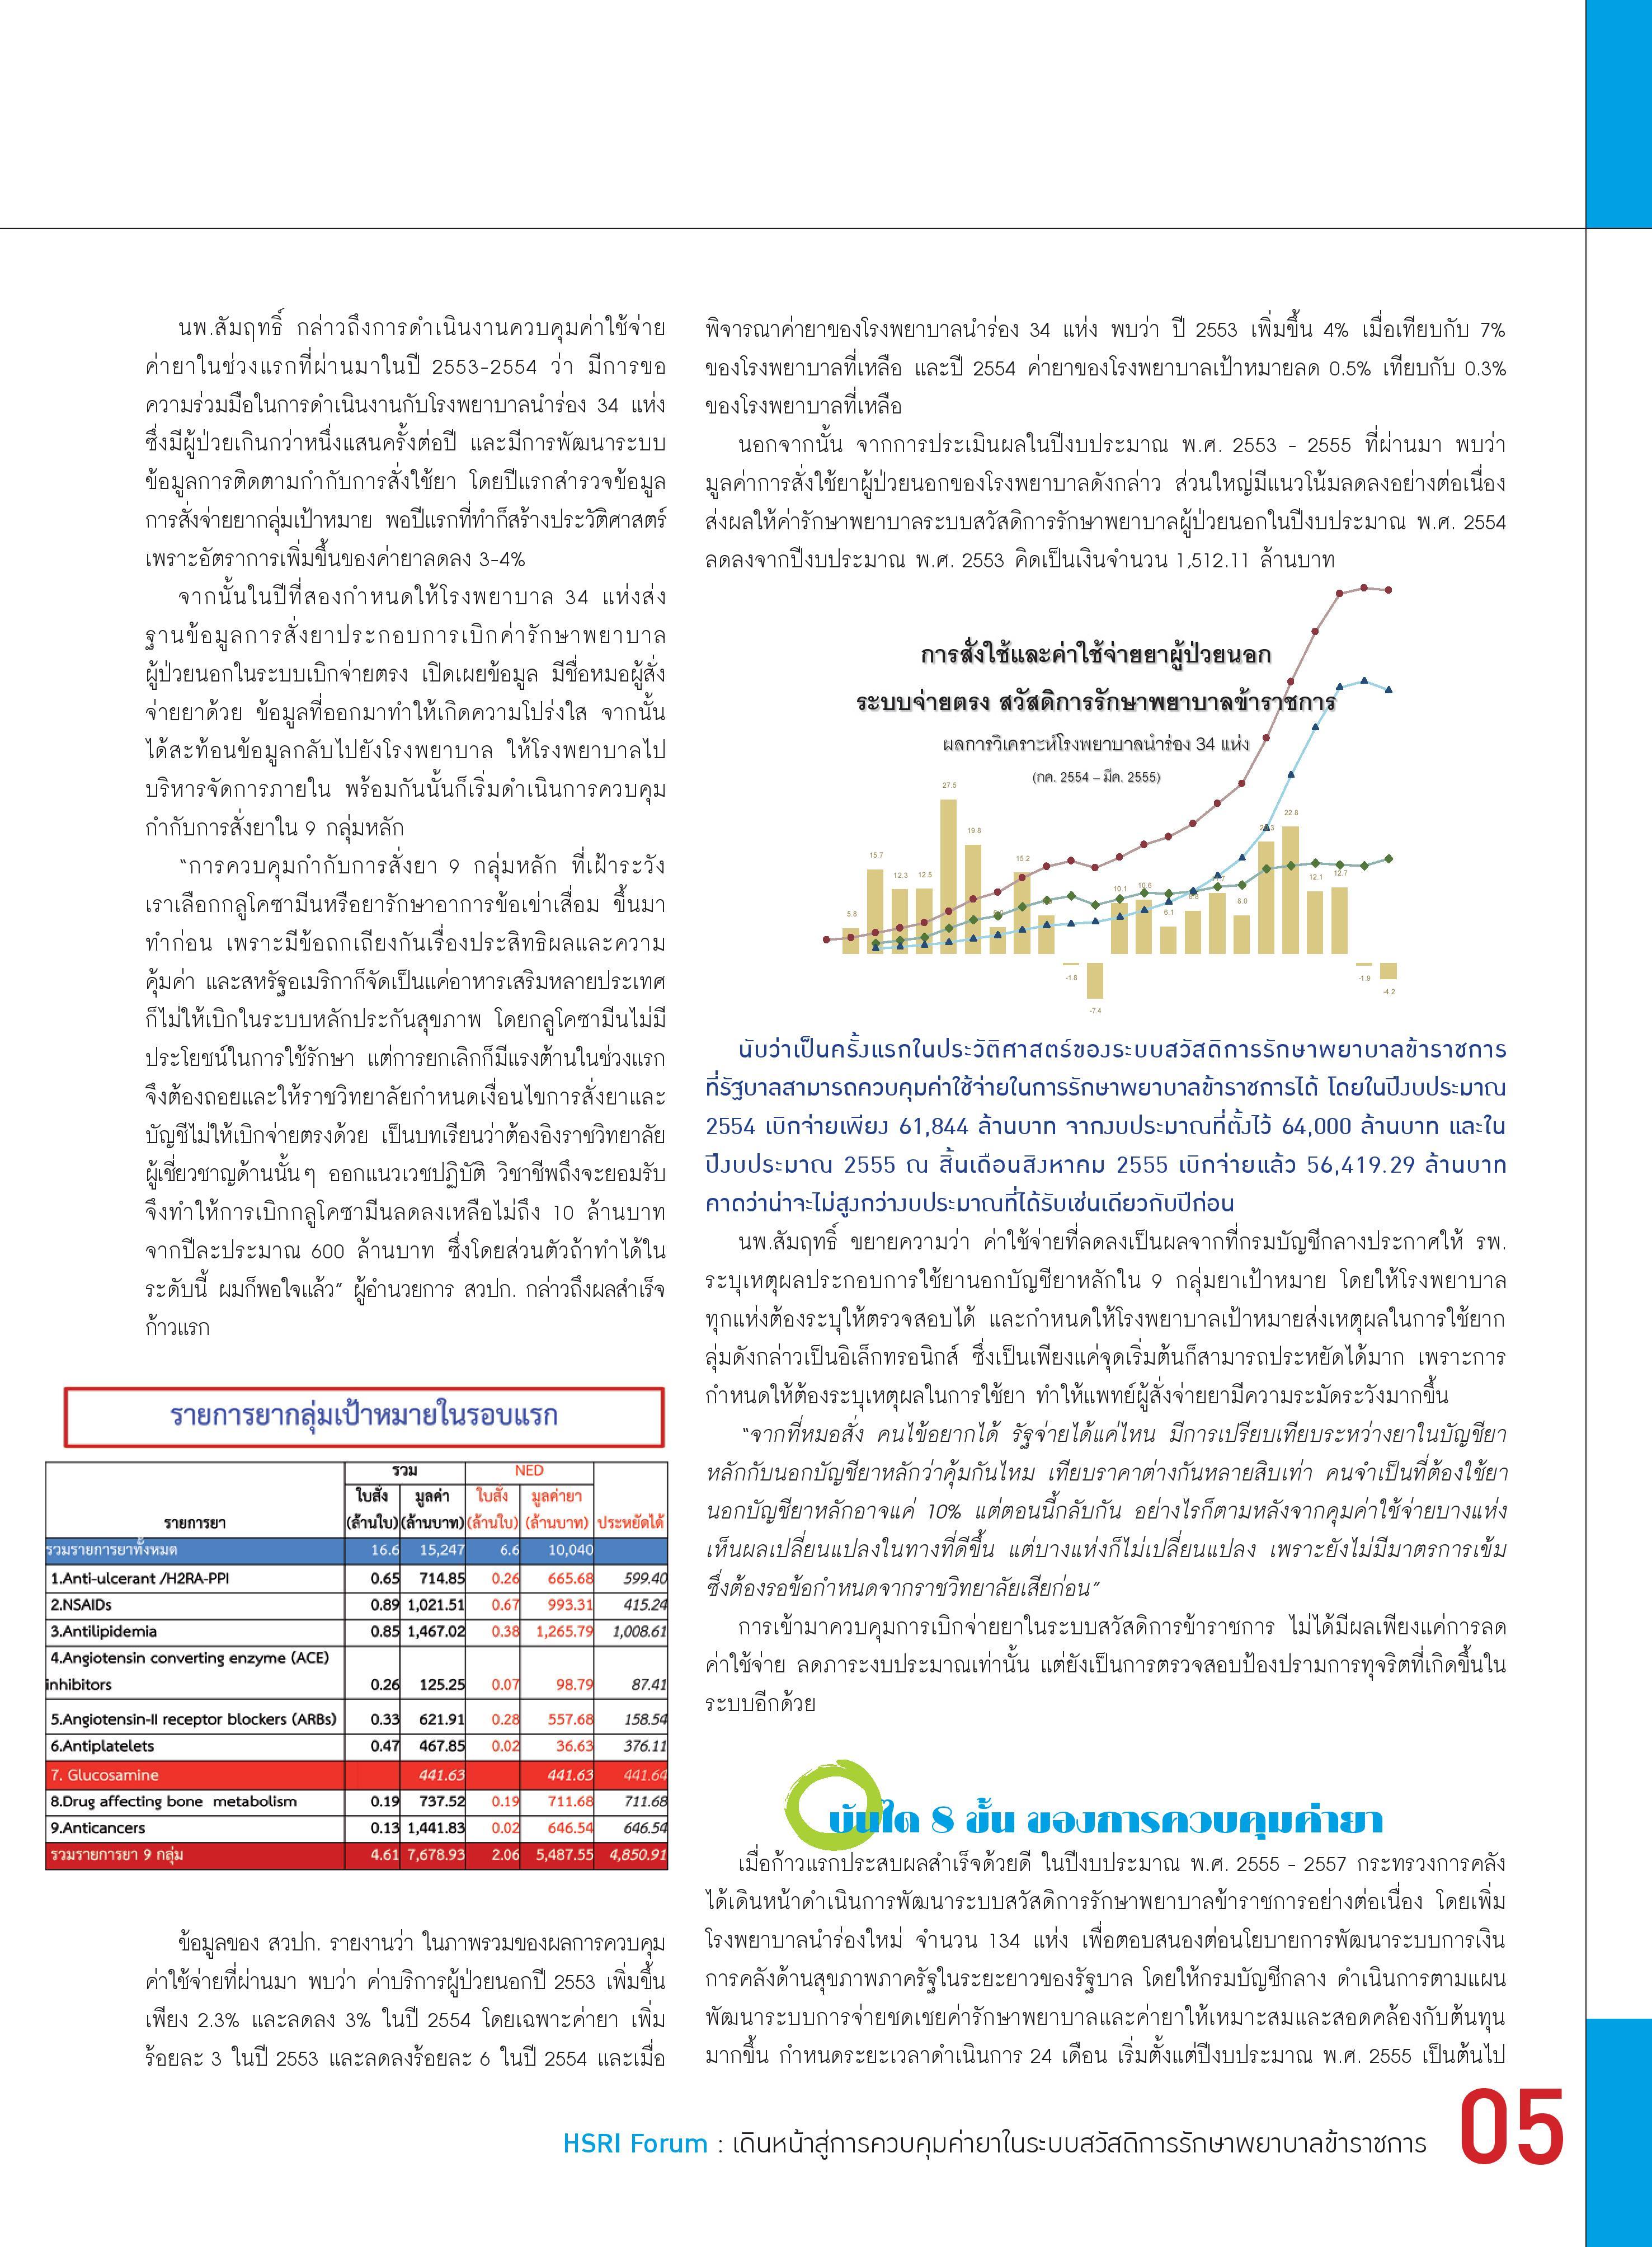 hsri-forum5-website-page-005